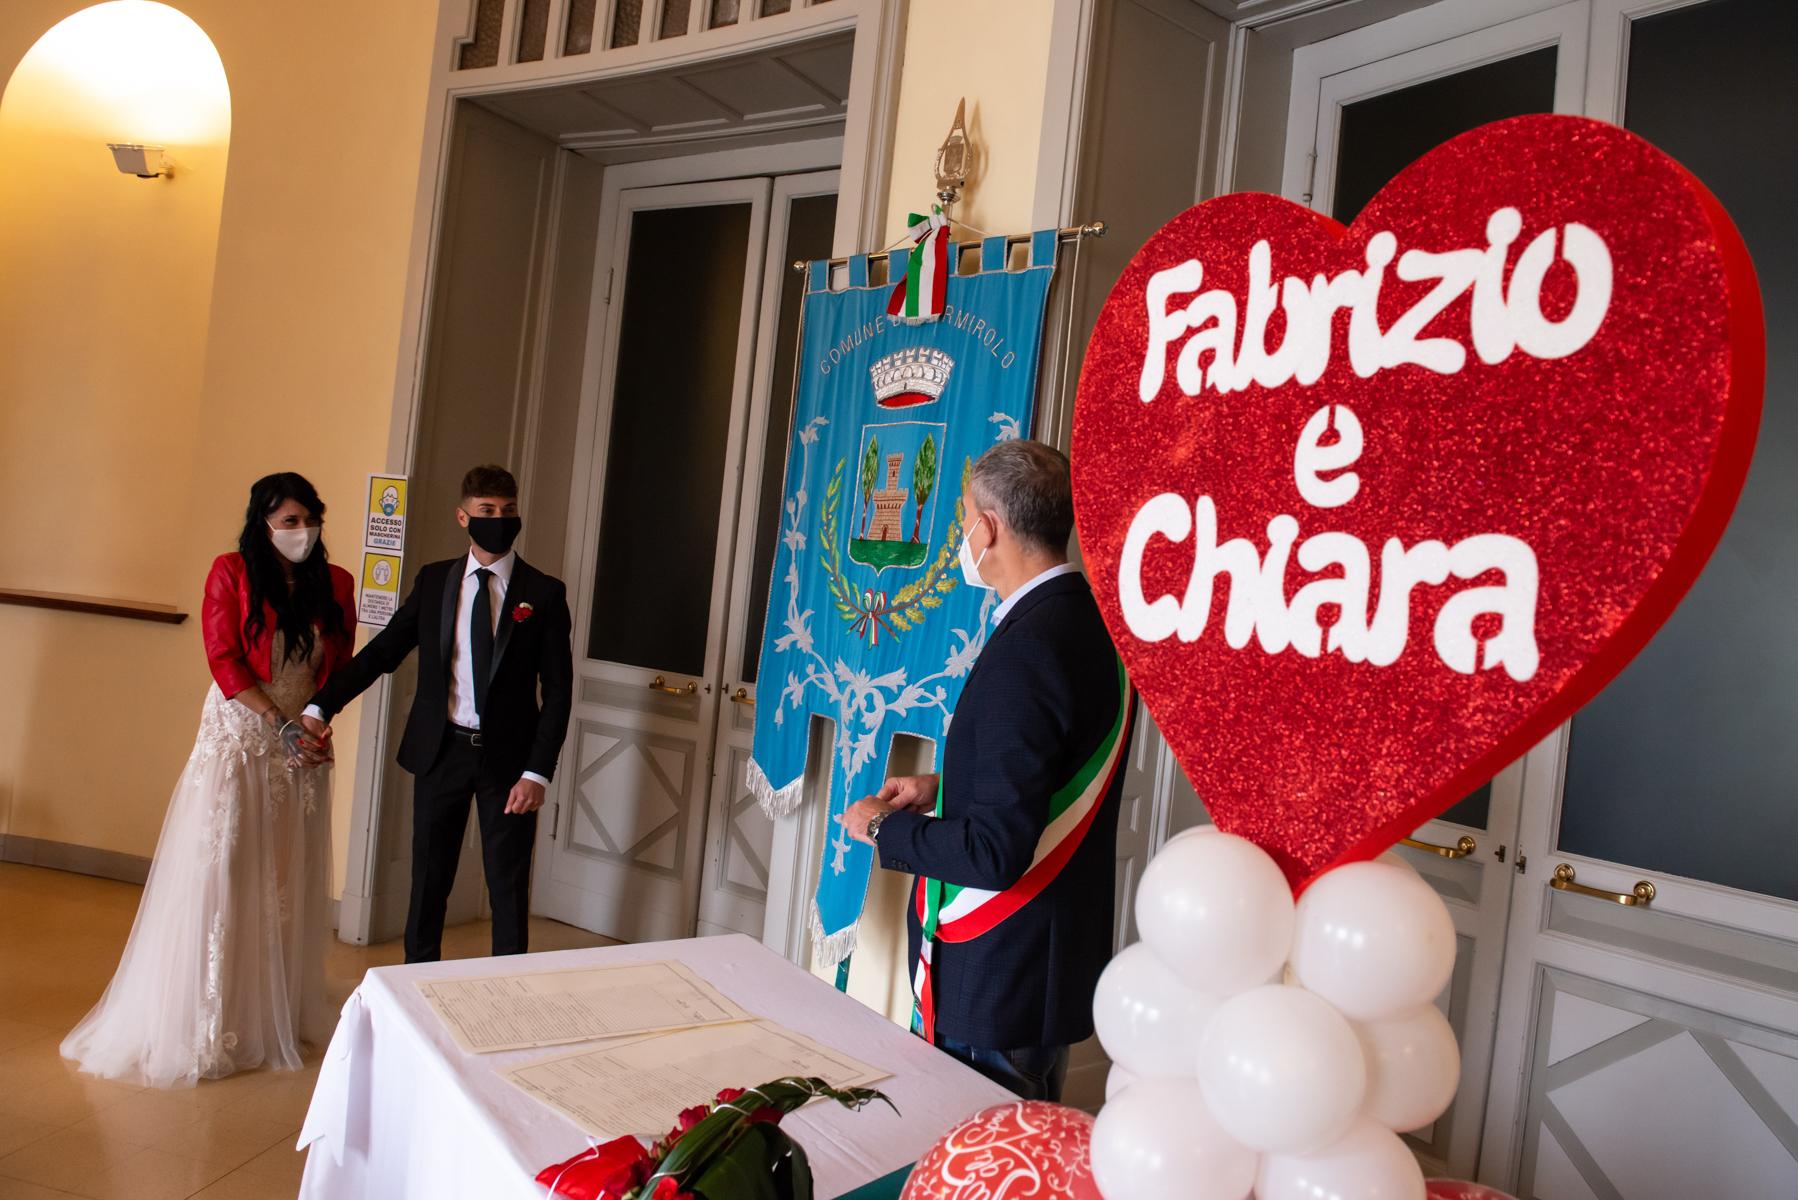 Mantova Hochzeitsfotografen von Italien | Der Bürgermeister gratuliert dem Paar zur Zeremonie